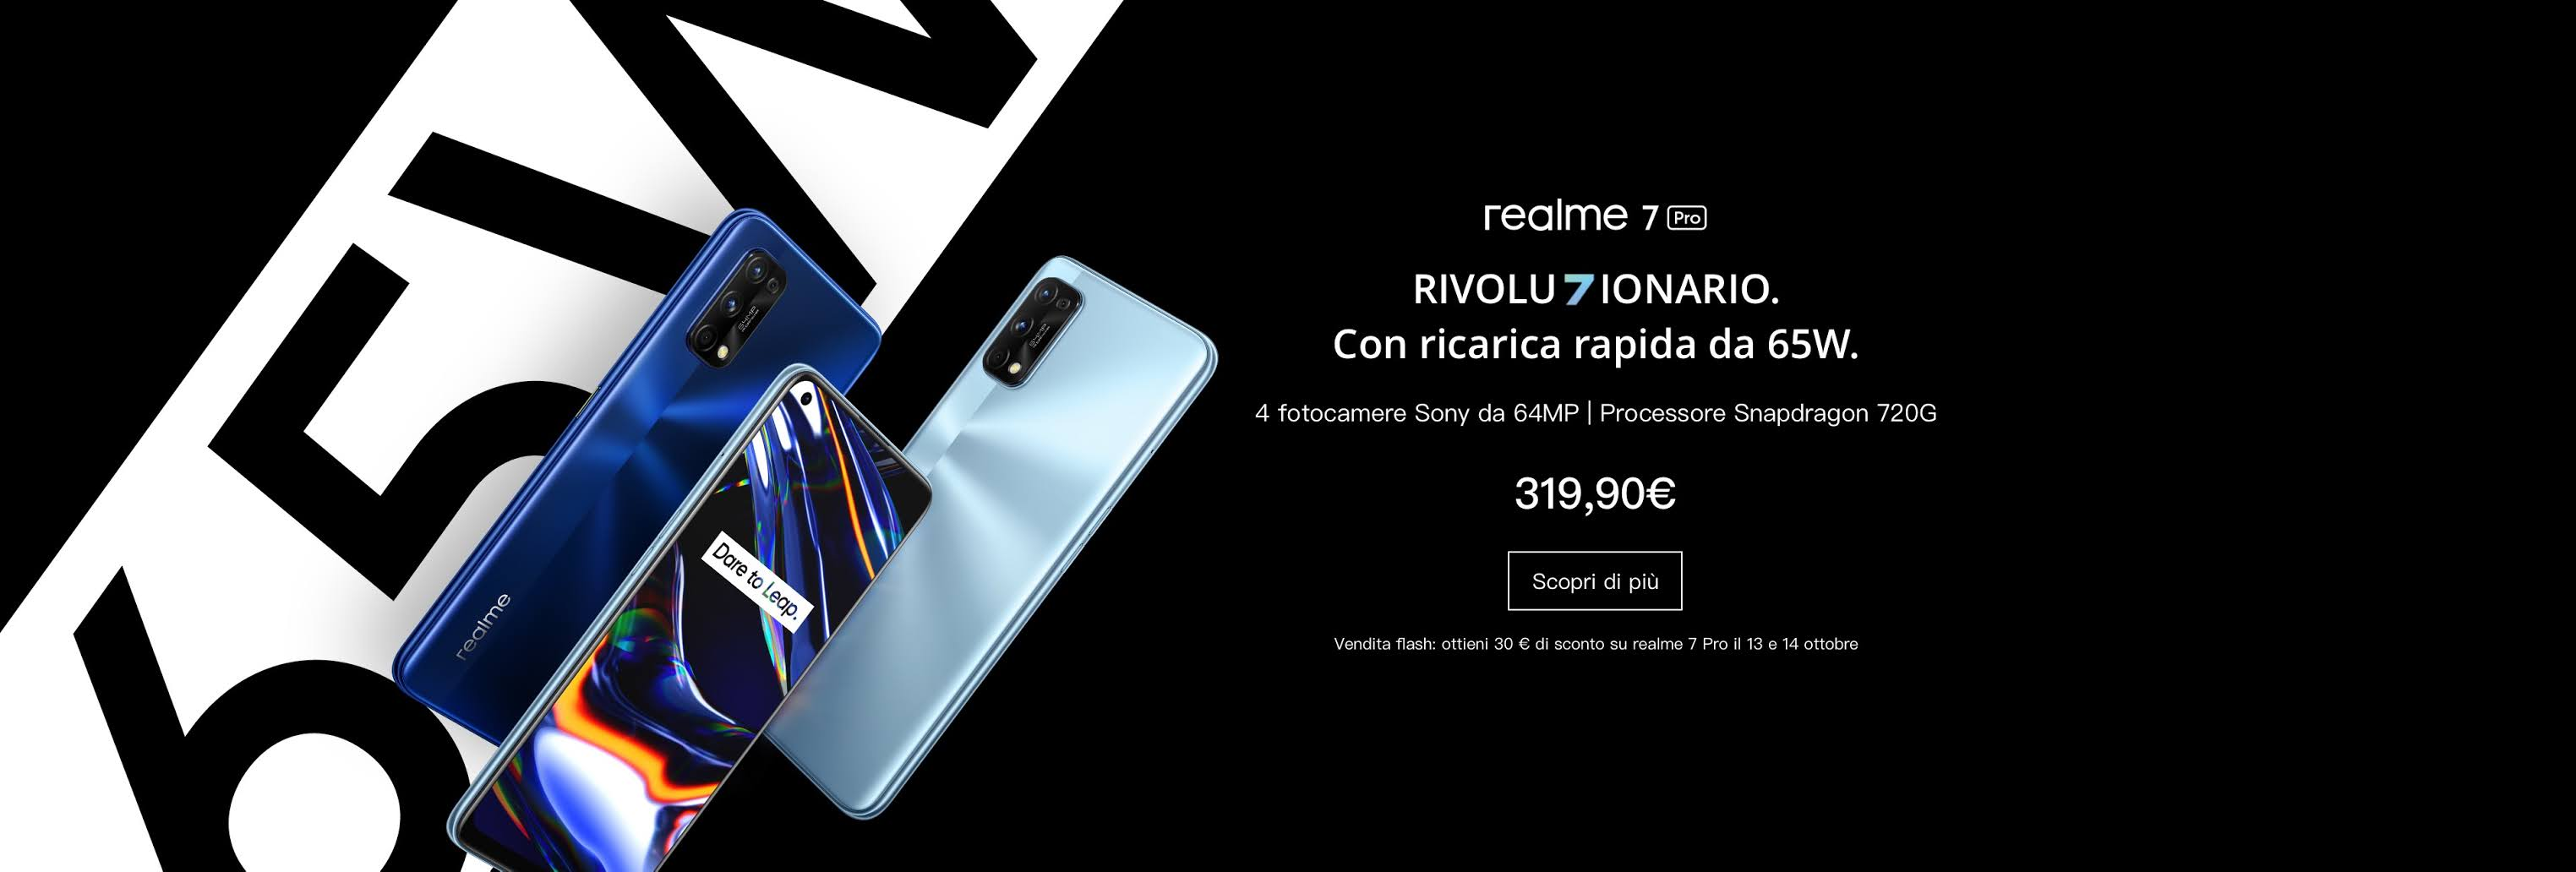 Nuovi realme 7 e 7 Pro disponibili in Italia da 179 euro